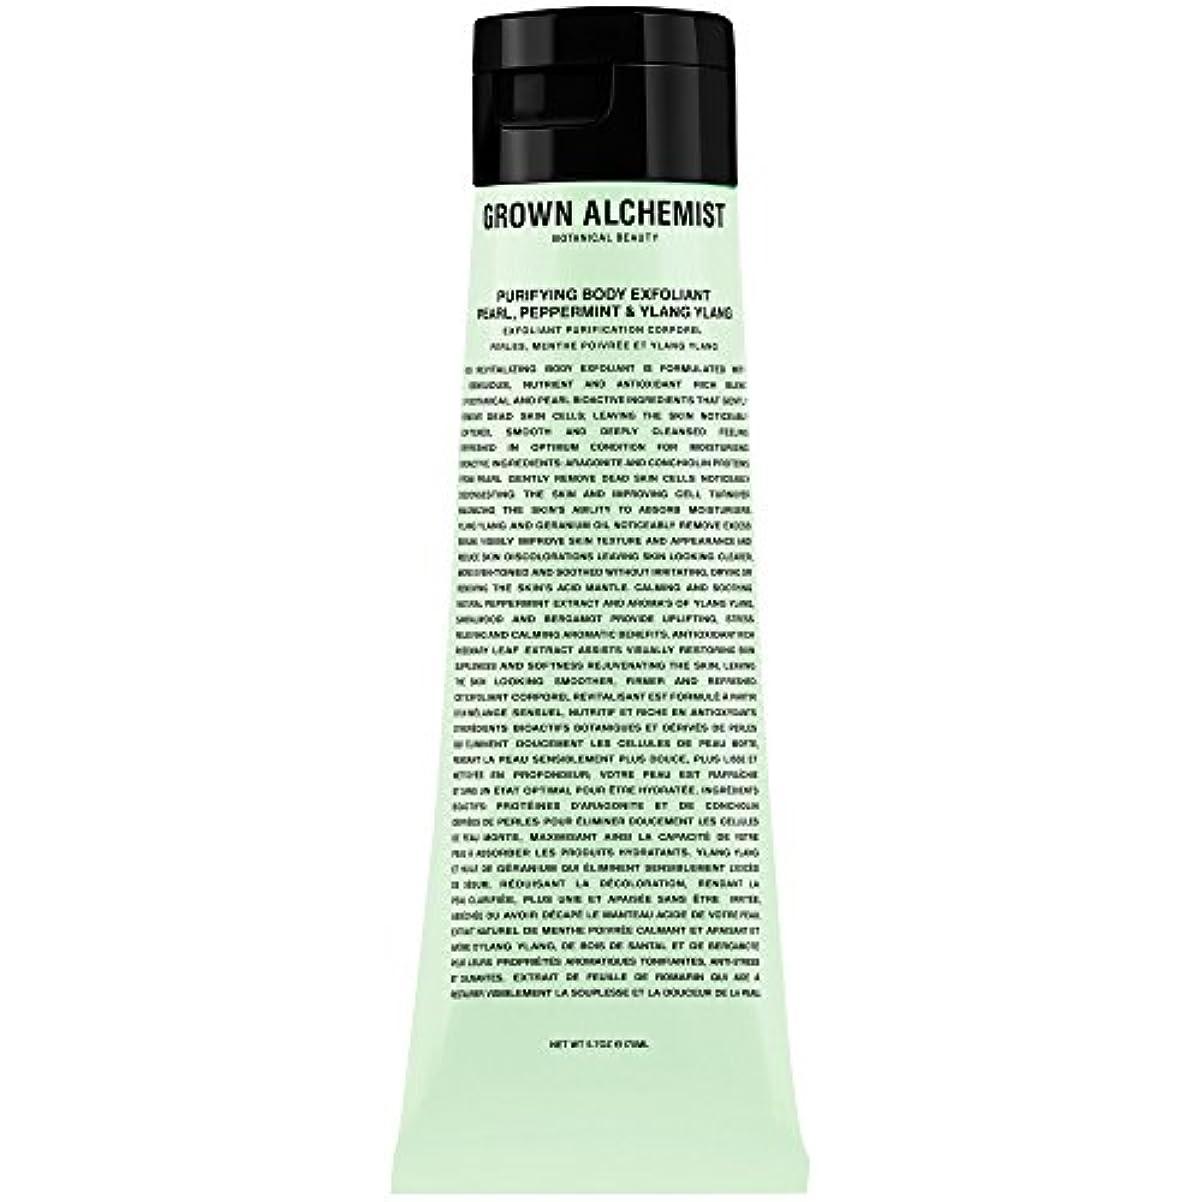 面白い含意さておき成長した錬金術師浄化体剥脱真珠ペパーミント&イランイラン170ミリリットル (Grown Alchemist) (x6) - Grown Alchemist Purifying Body Exfoliant Pearl...